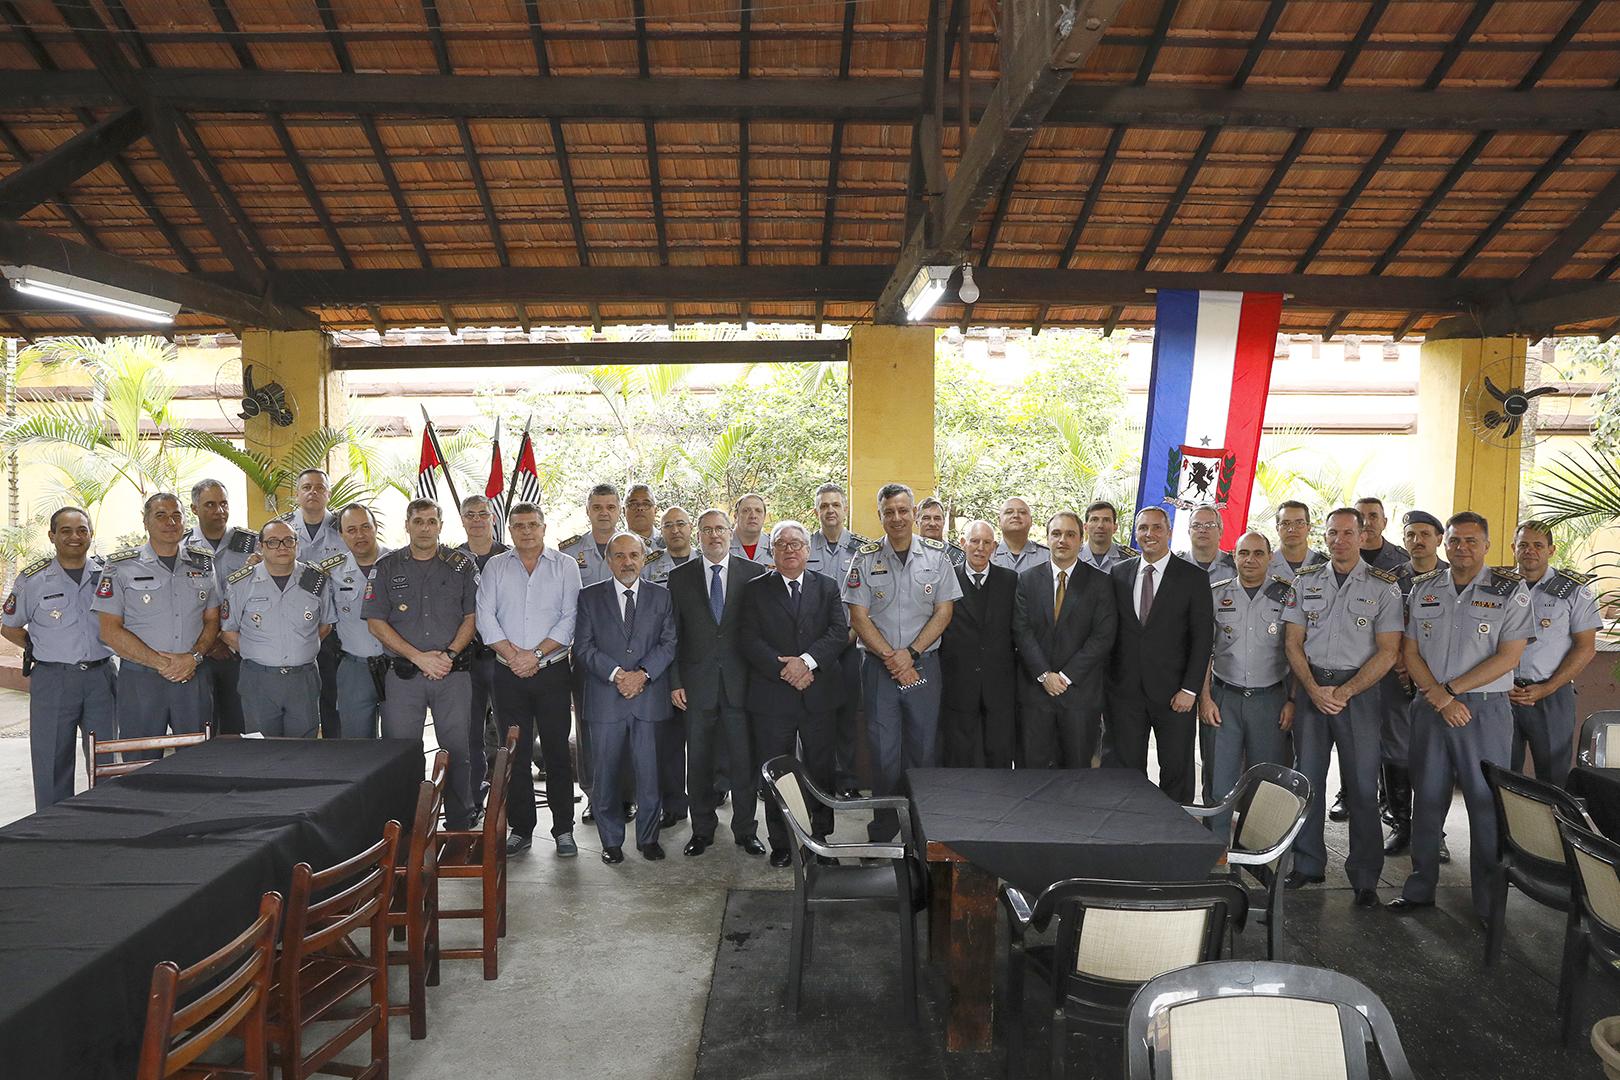 PM recebe integrantes do PJ no Regimento 9 de Julho